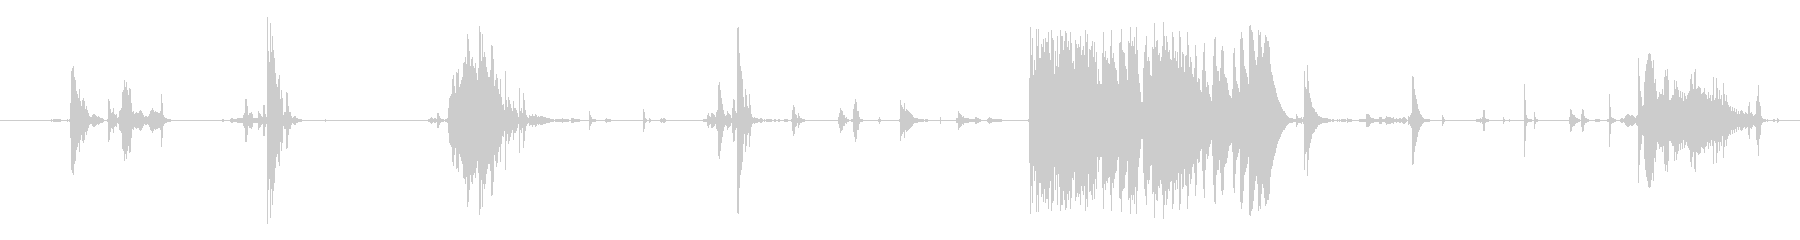 ゴブリン ぬれたげっぷ淫乱03の未再生の波形